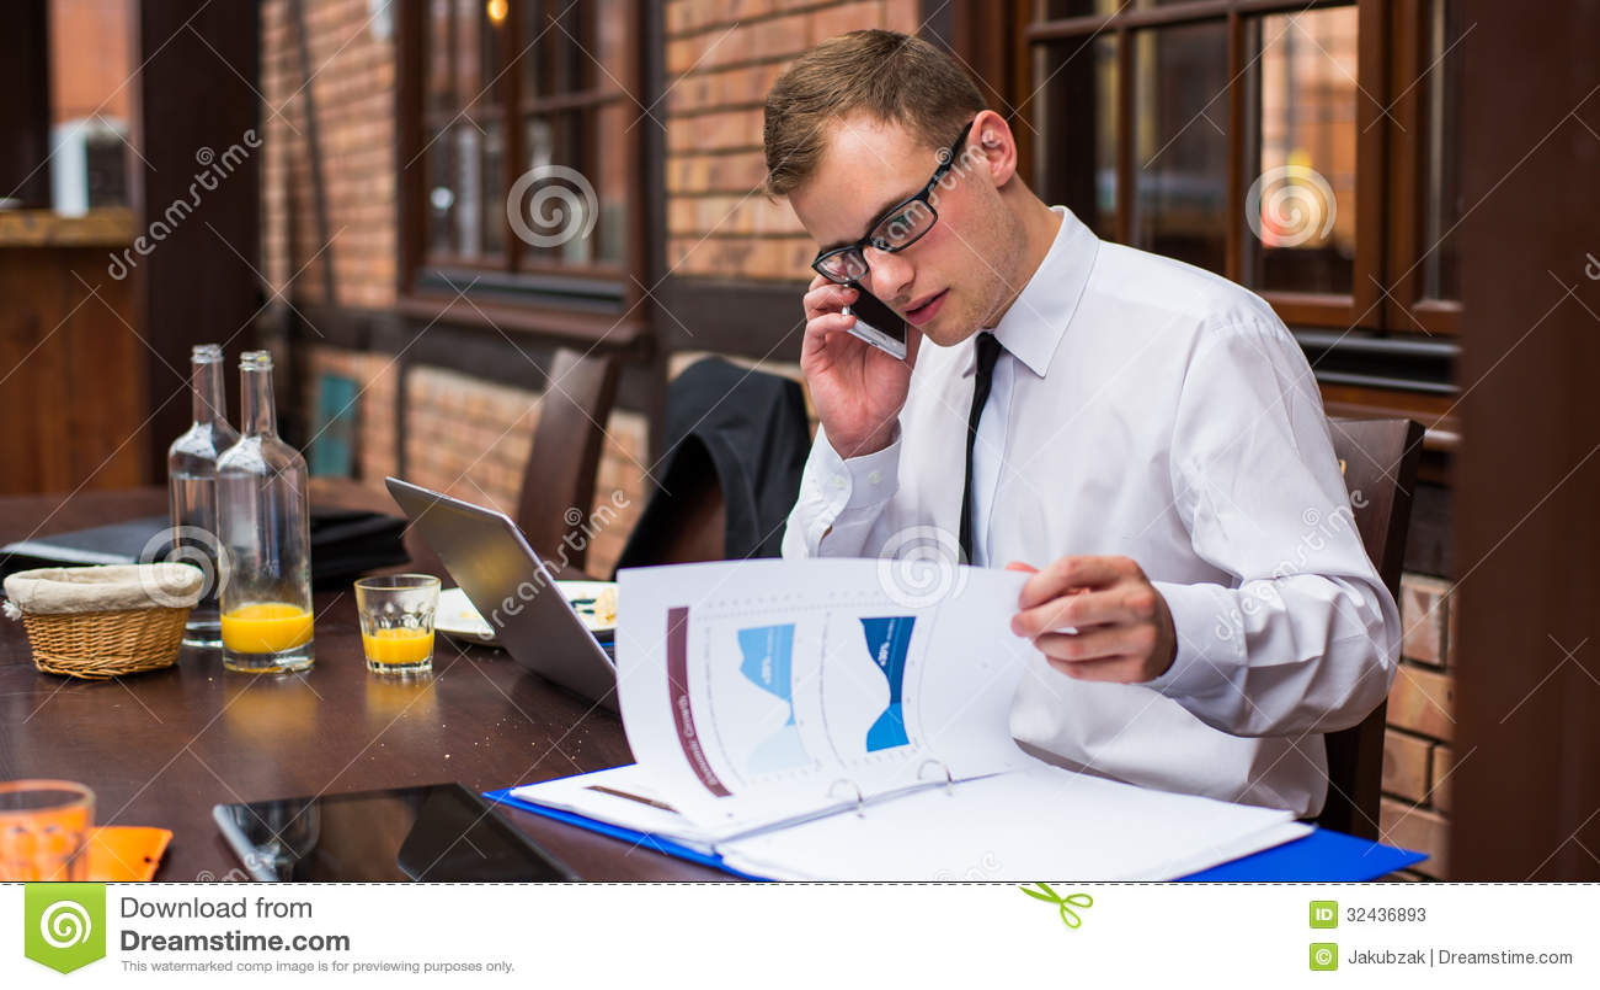 Hard Working Businessman In Restaurant. Stock Photos ...